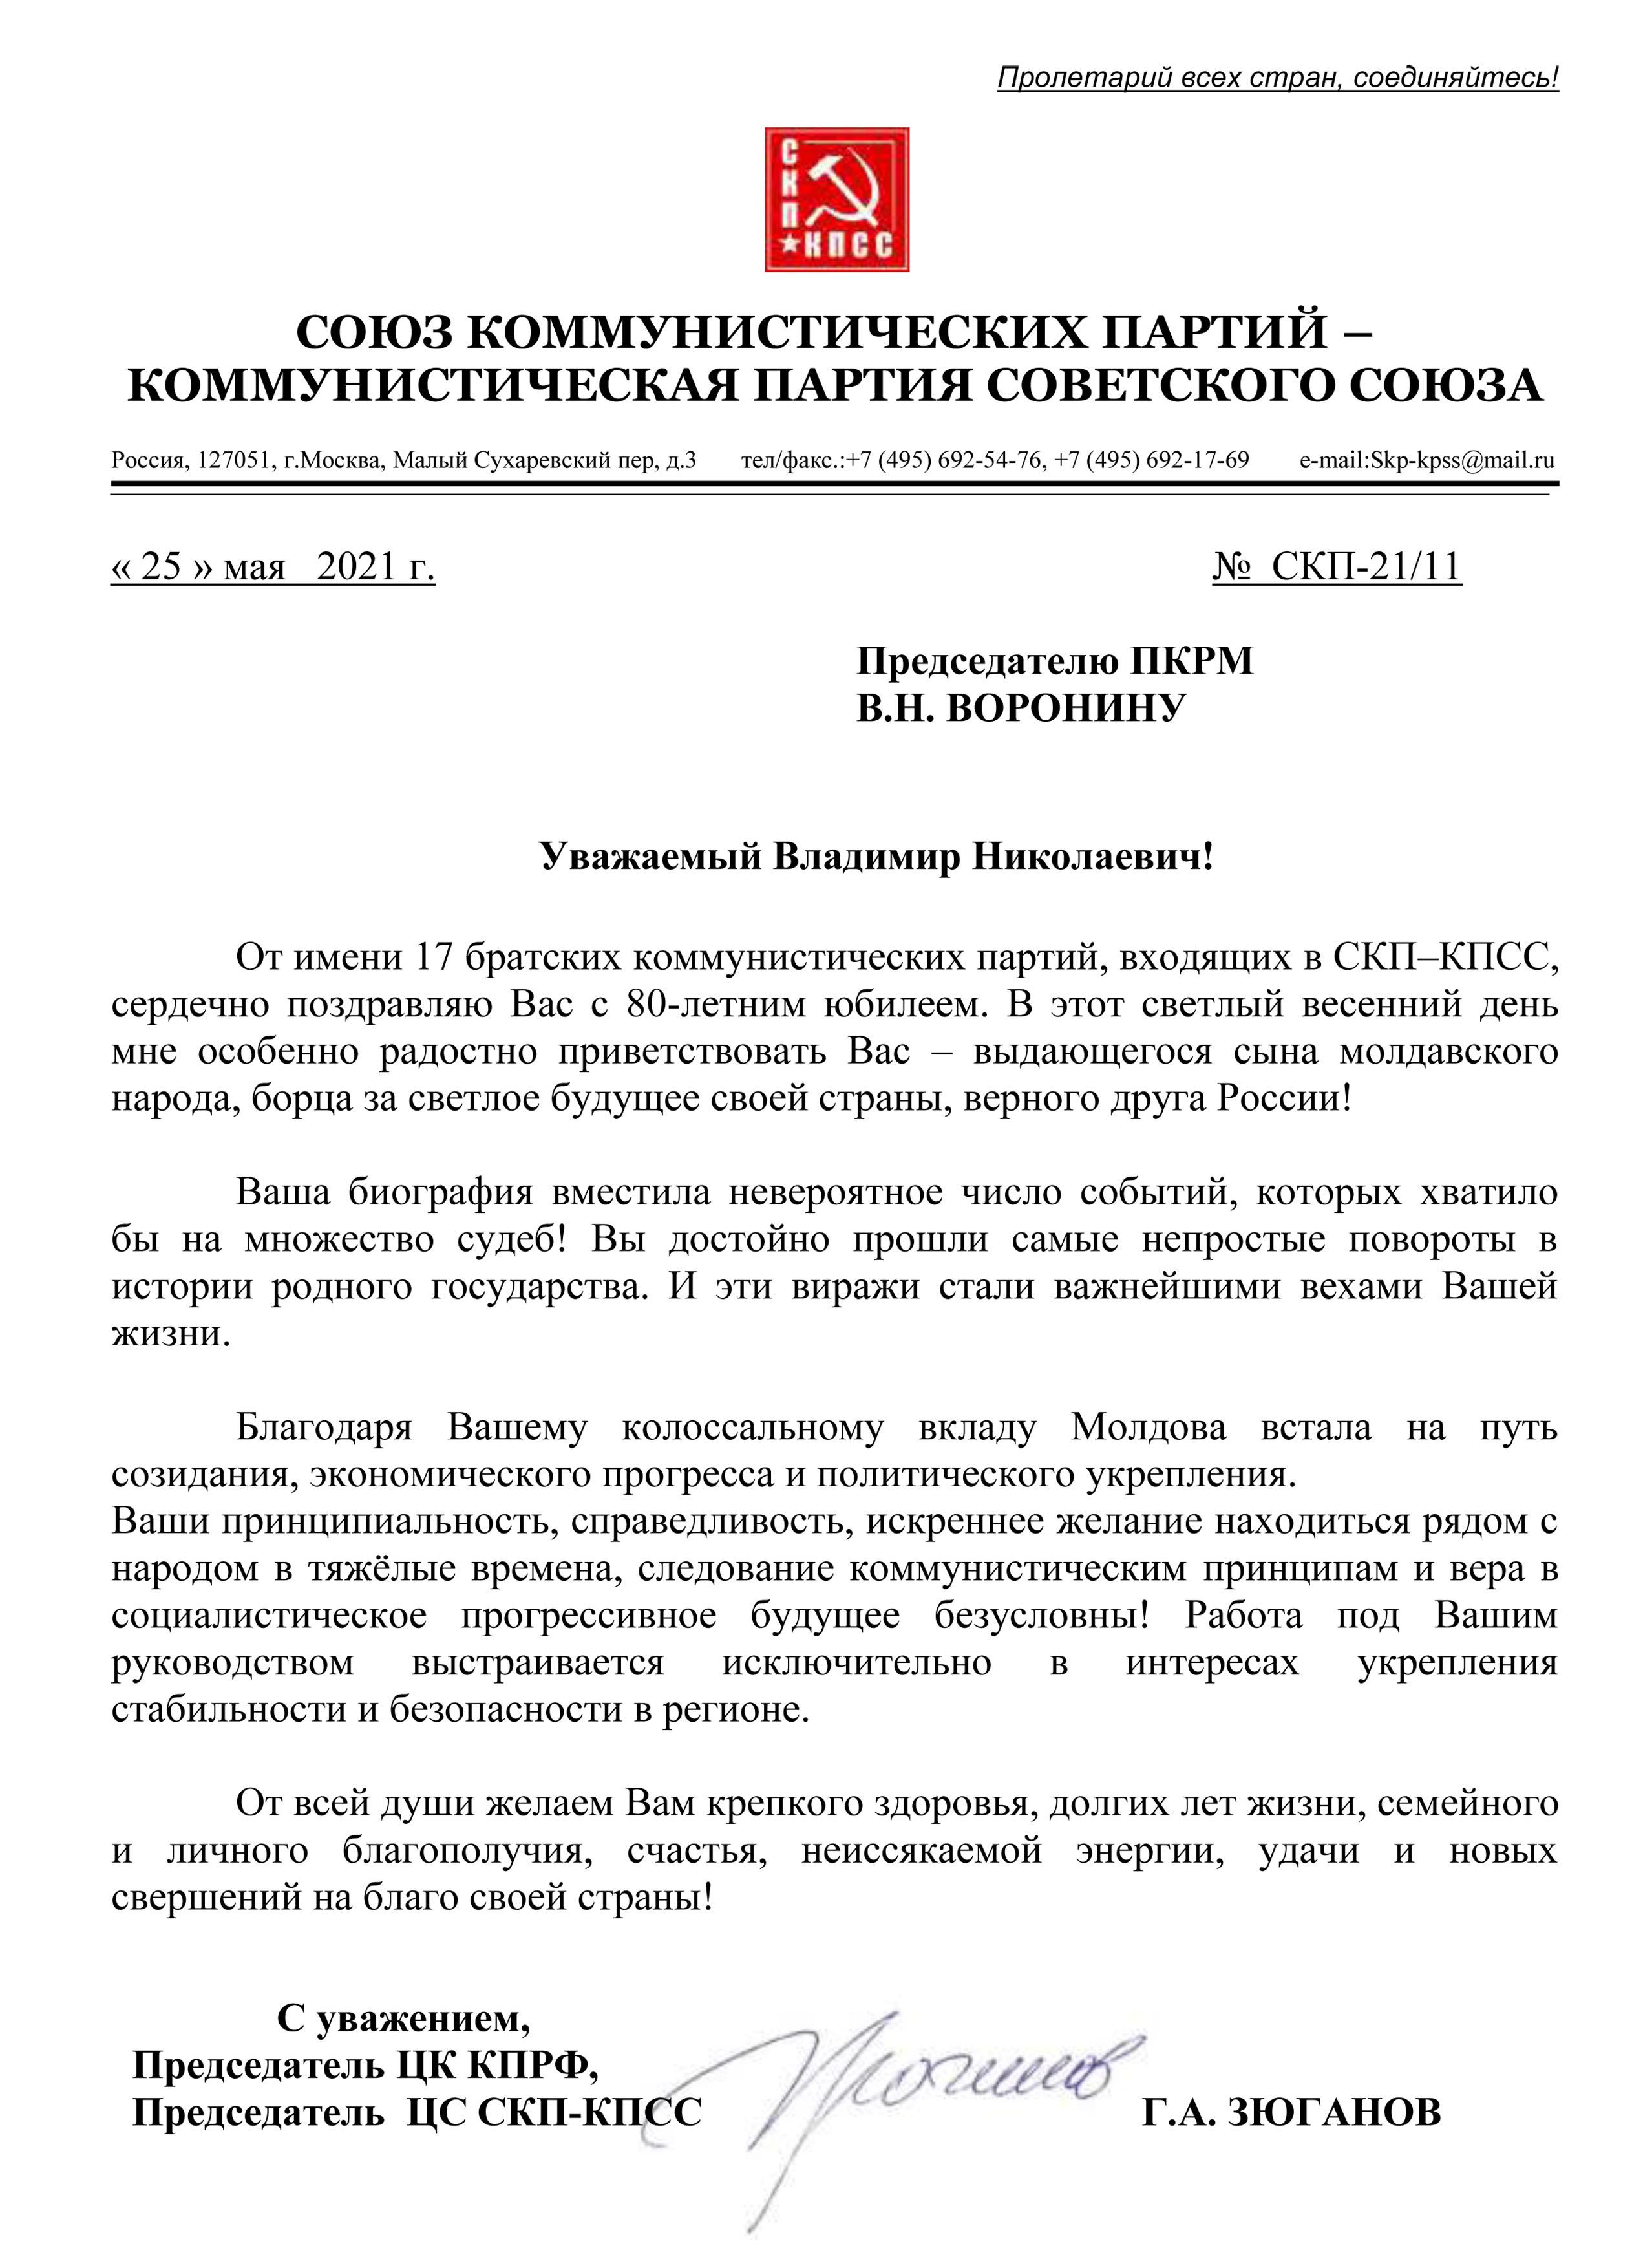 В.Н. ВОРОНИНУ СКП-21